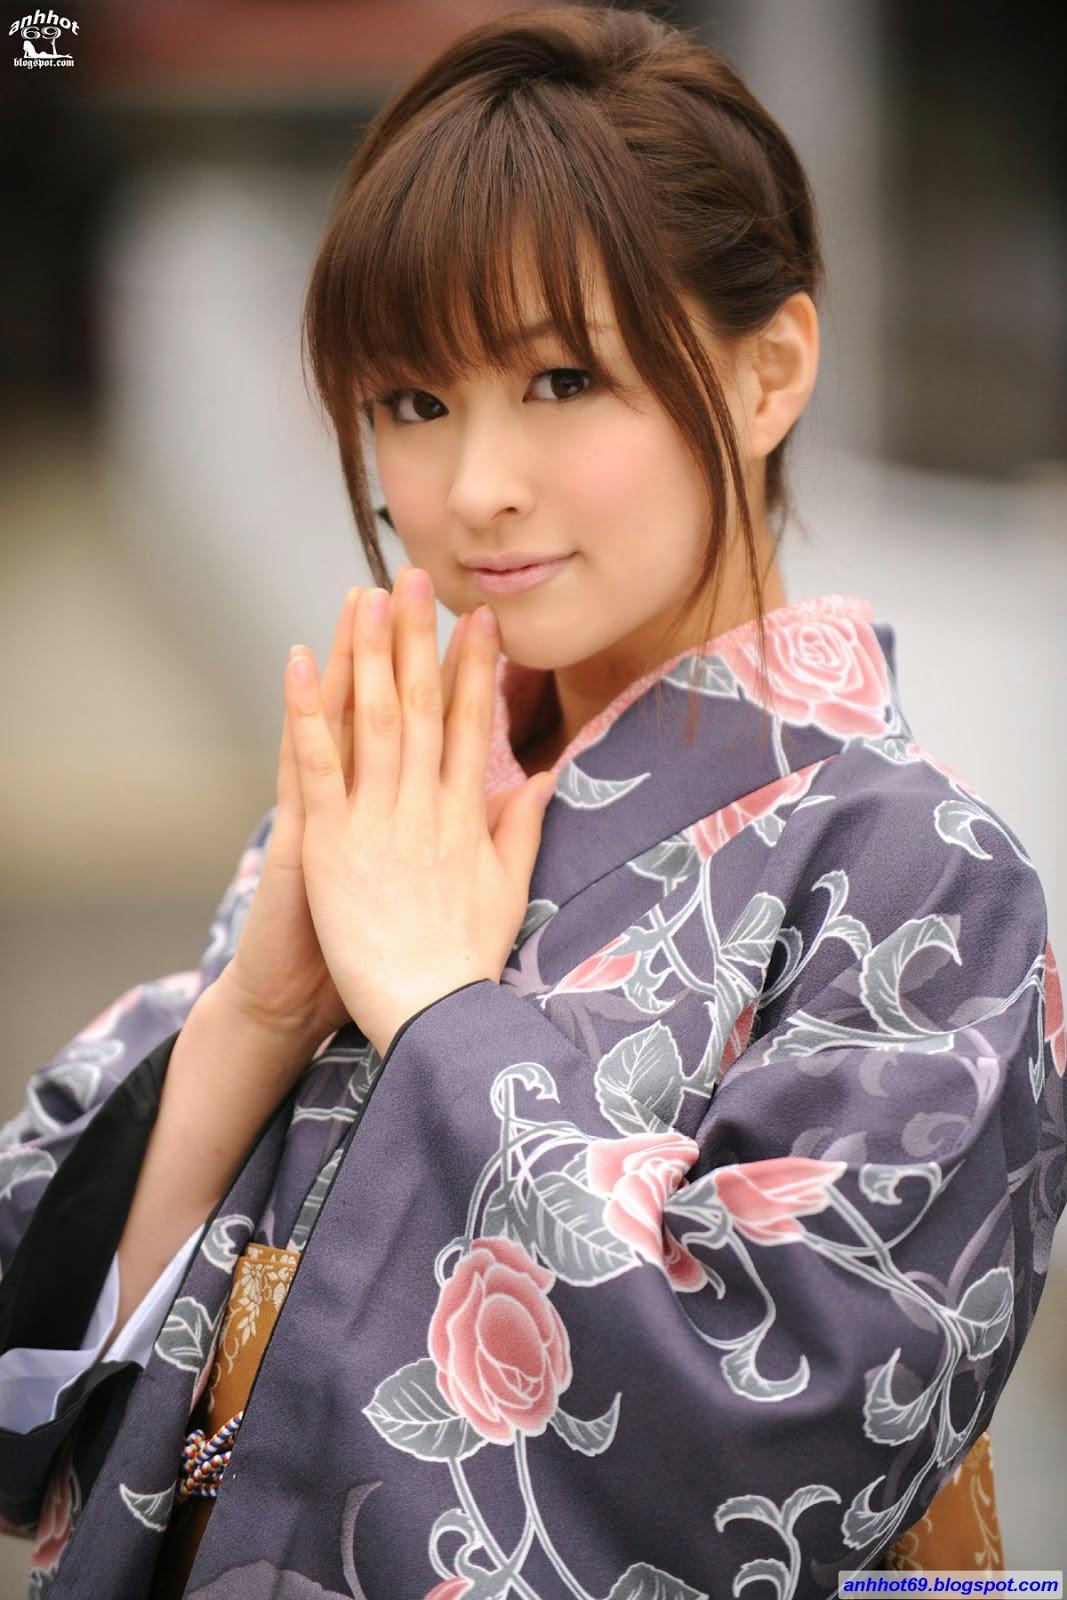 yukiko-suo-00711561